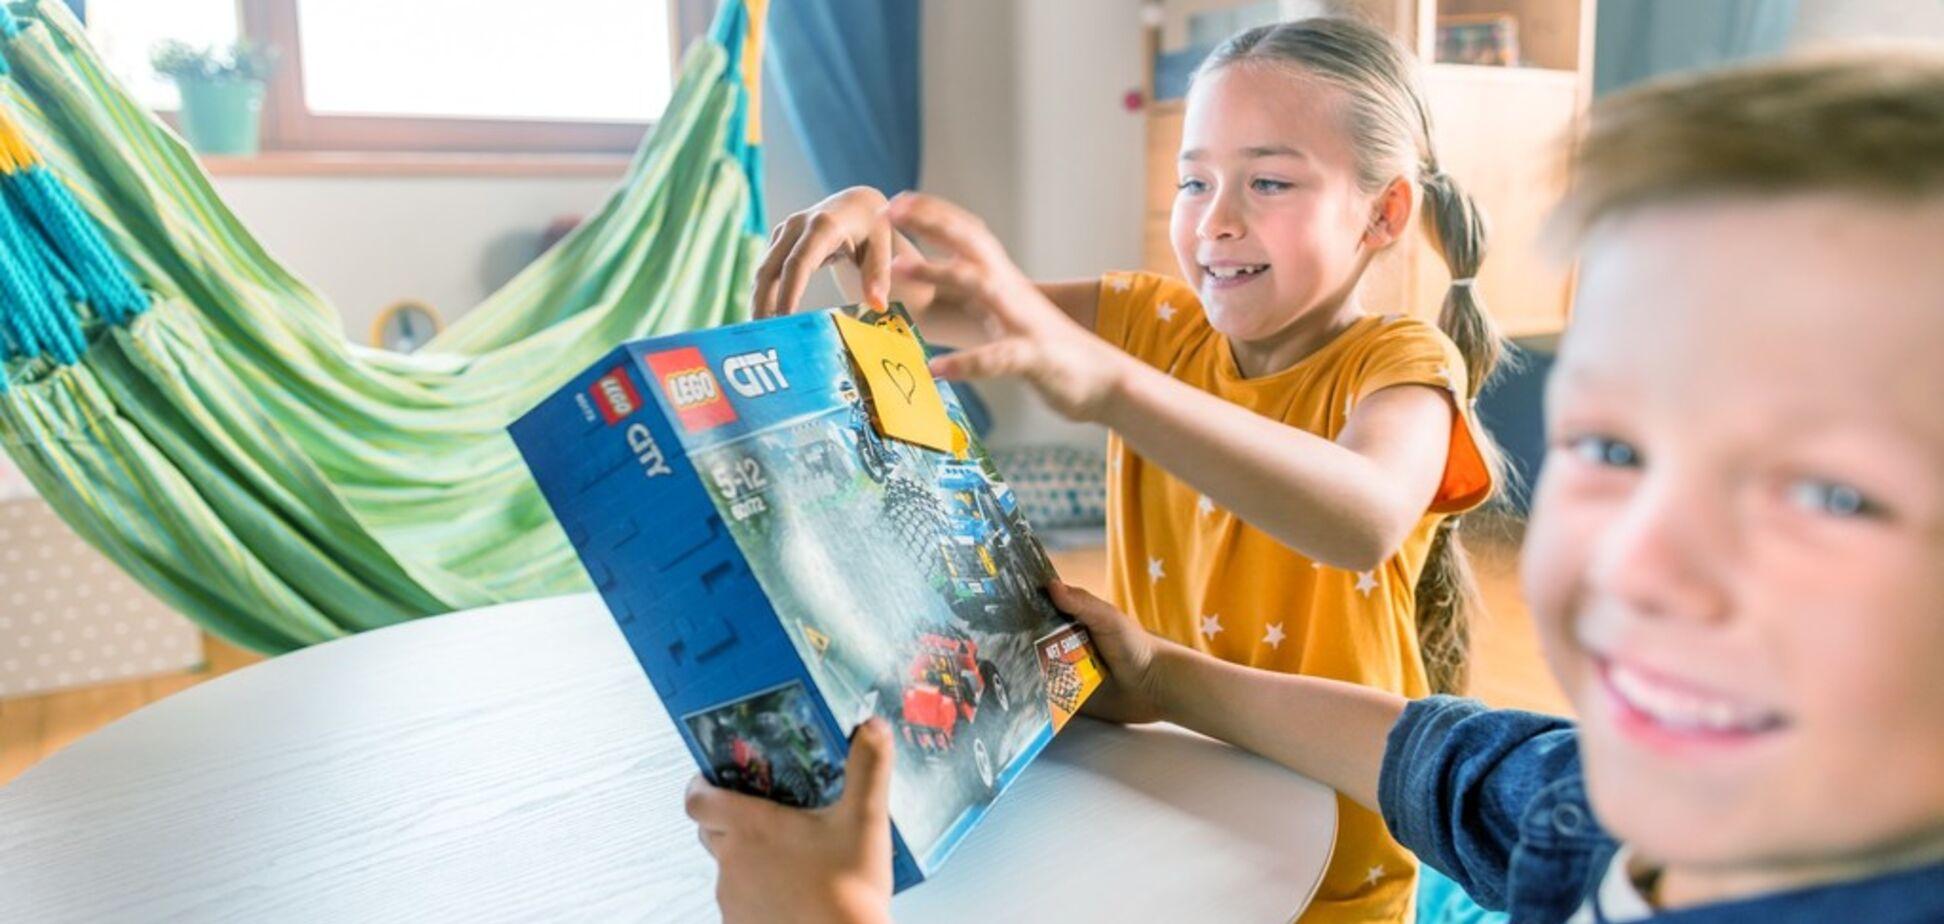 Ваши дети достойны лучшего, а игра с наборами LEGO – безопасна и всегда в удовольствие